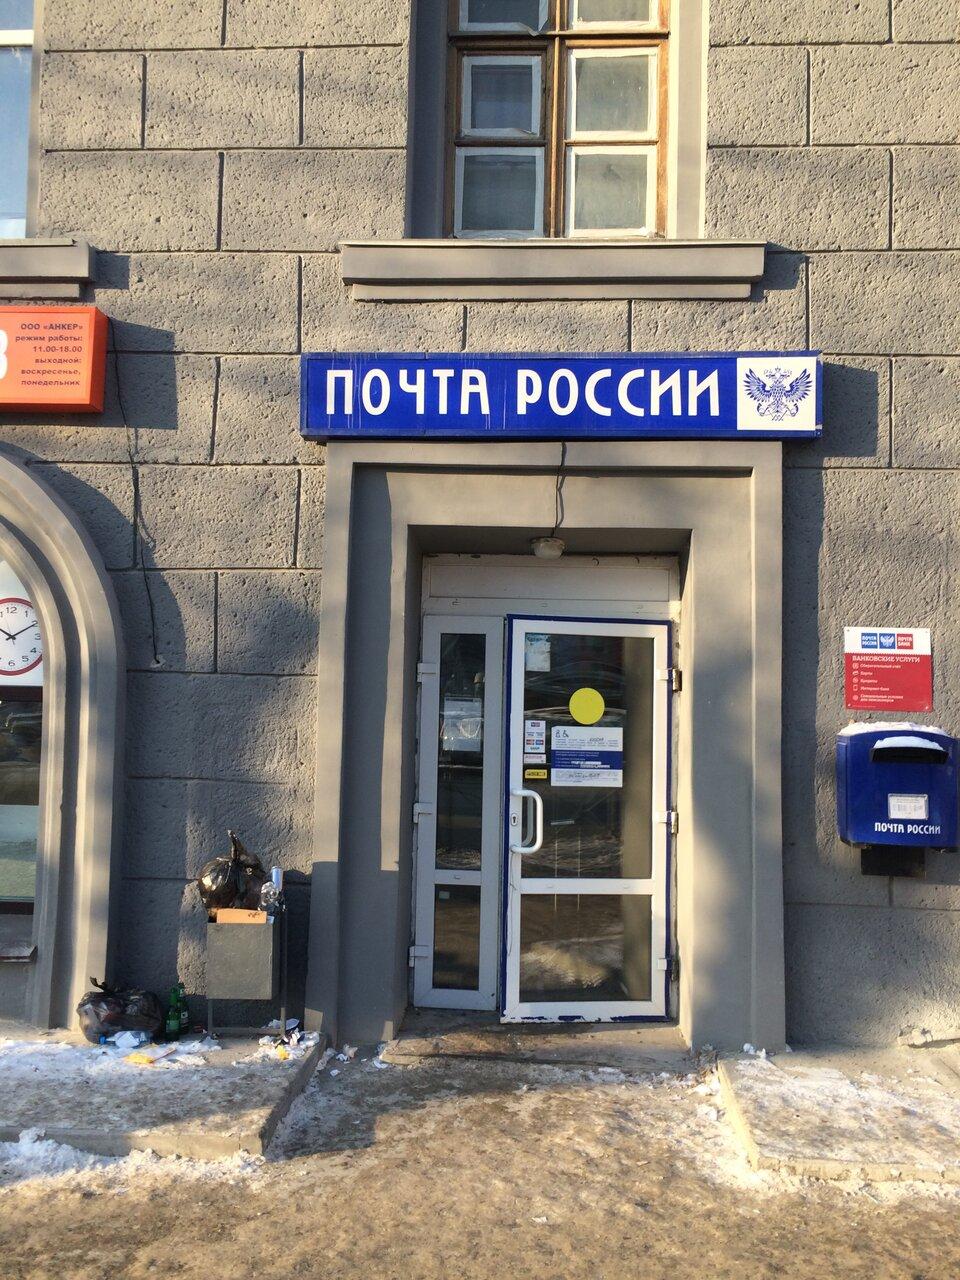 почта россии фото новосибирск игумнова сейчас